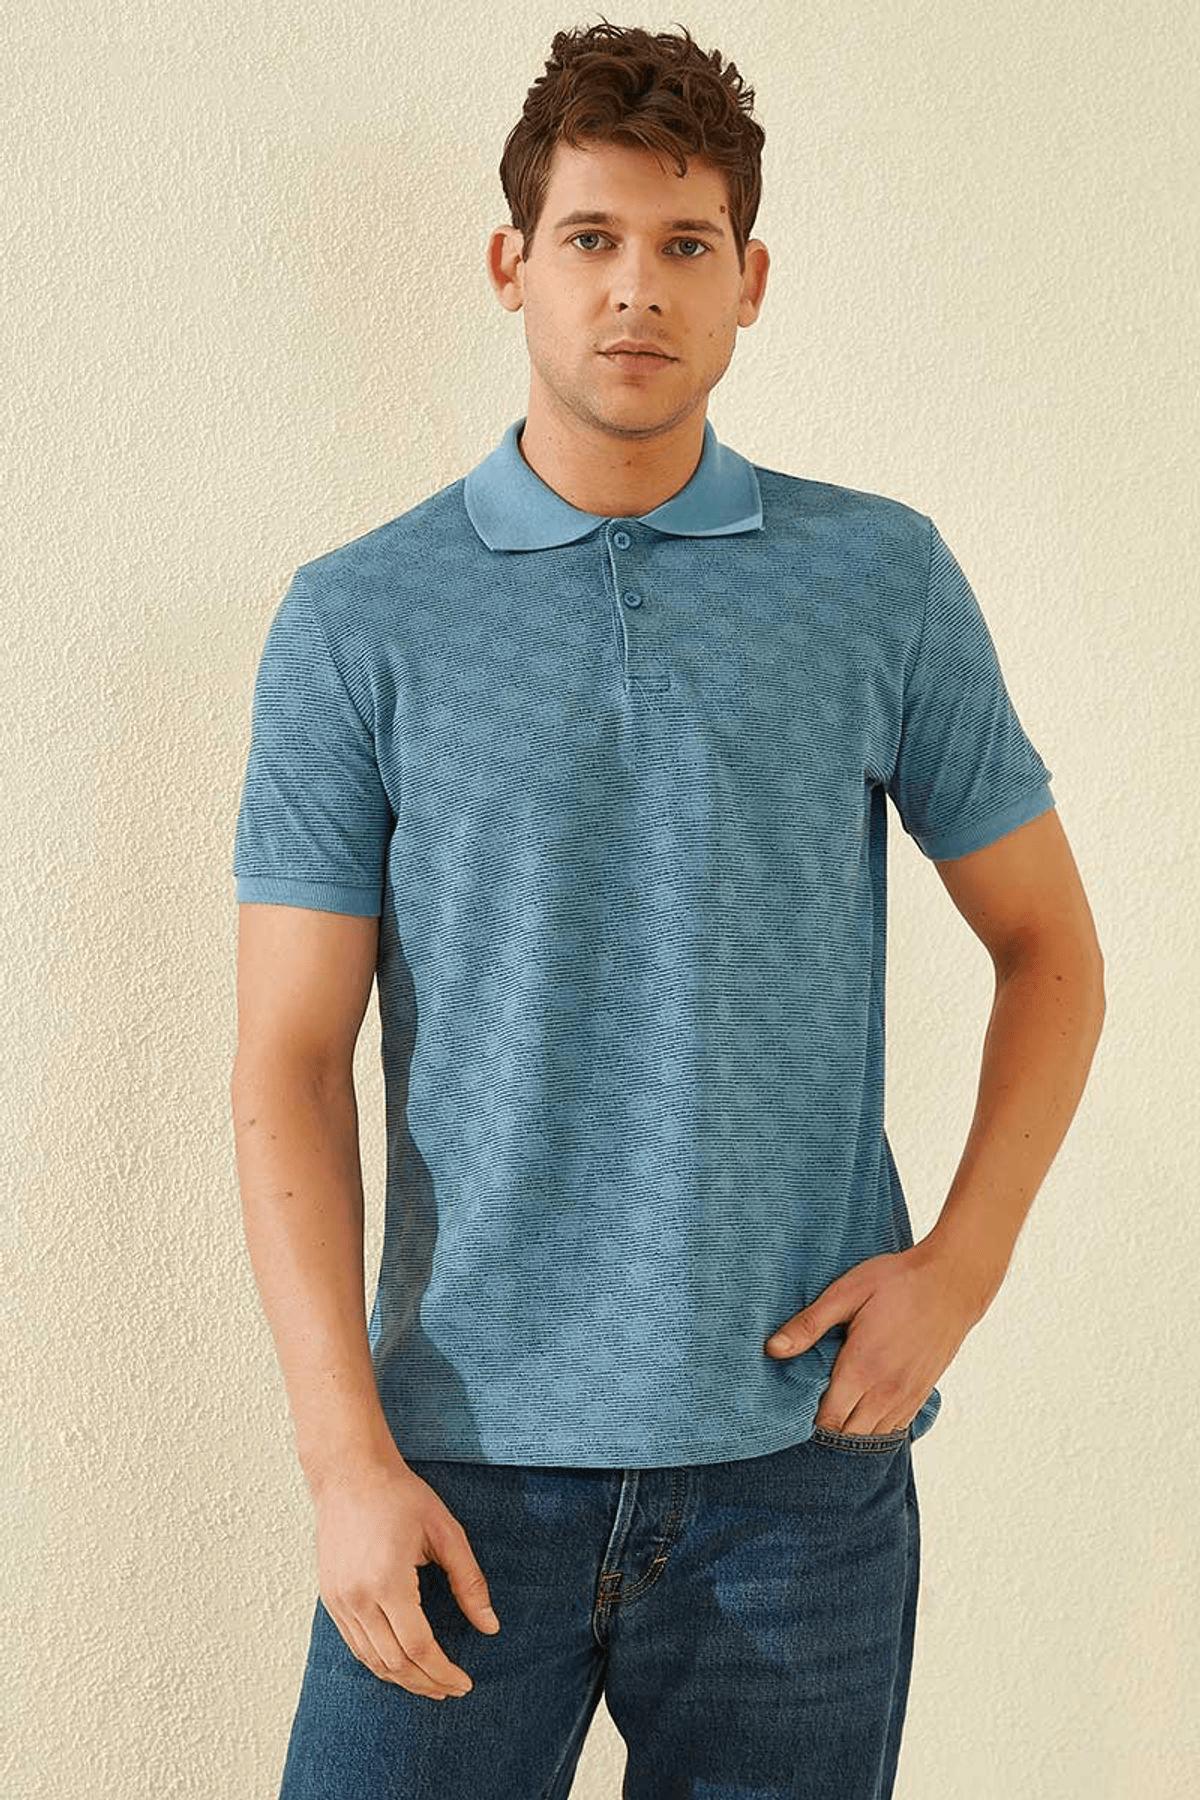 Tommy Life Baskılı Polo Yaka Kirli Mavi Erkek T-Shirt T08ER-87796_1 0